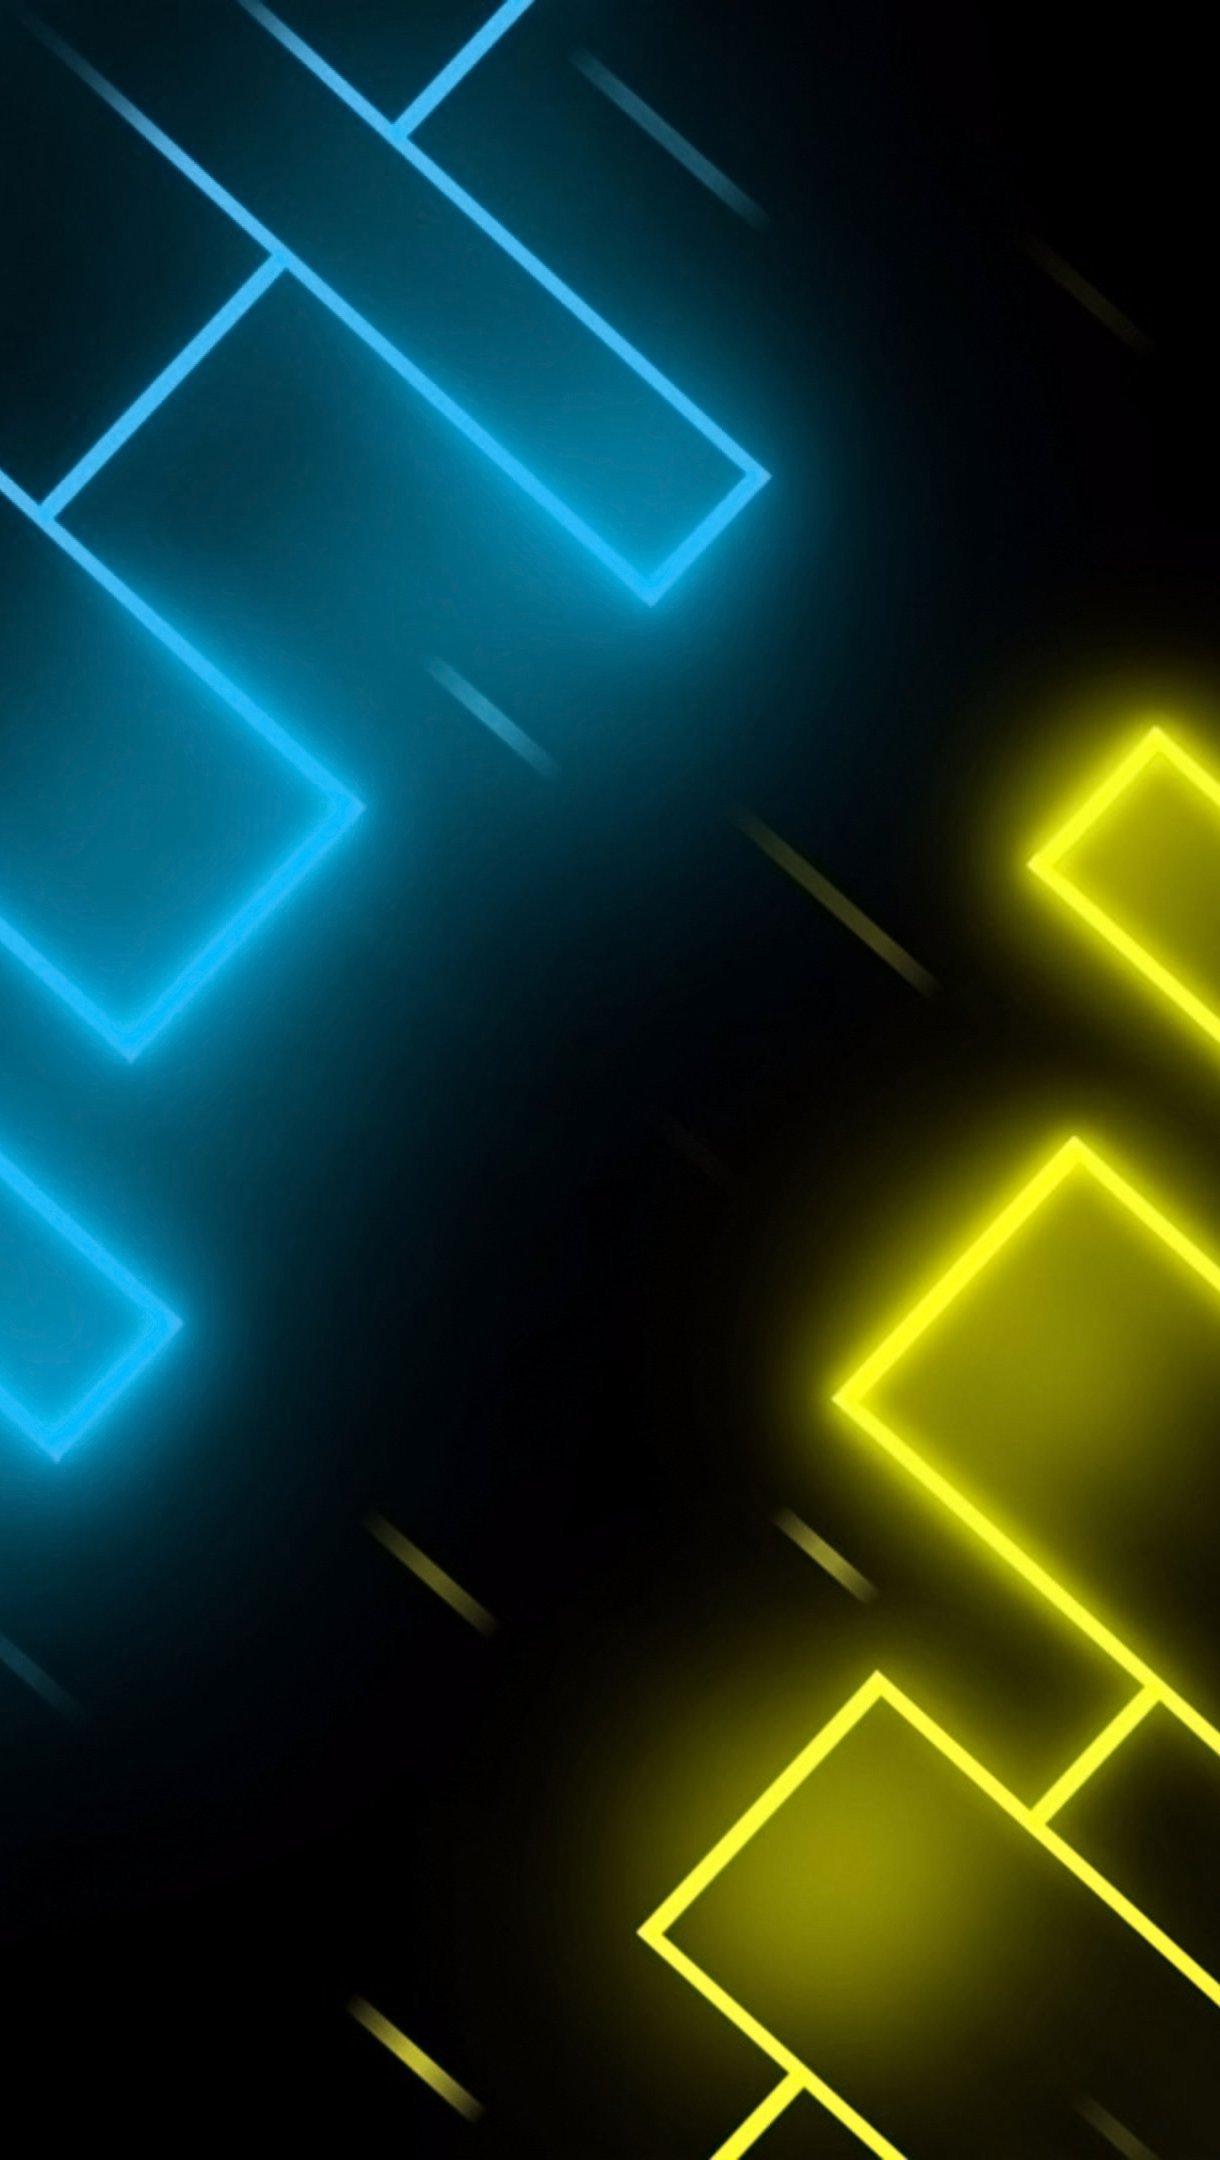 Fondos de pantalla Neon azul y amarillo Vertical